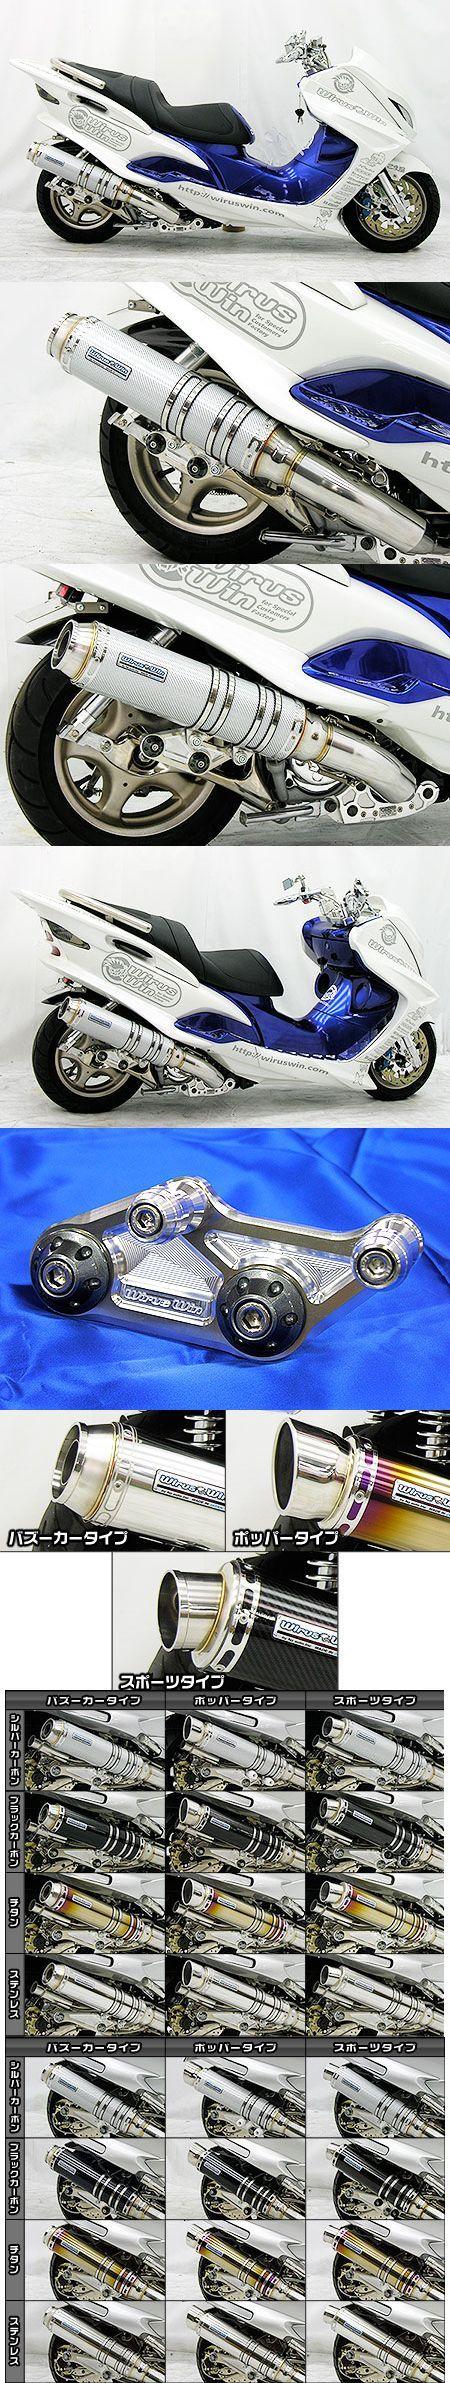 【WirusWin】Ultimate全段排氣管 銀色碳纖維款式 火箭筒型 - 「Webike-摩托百貨」